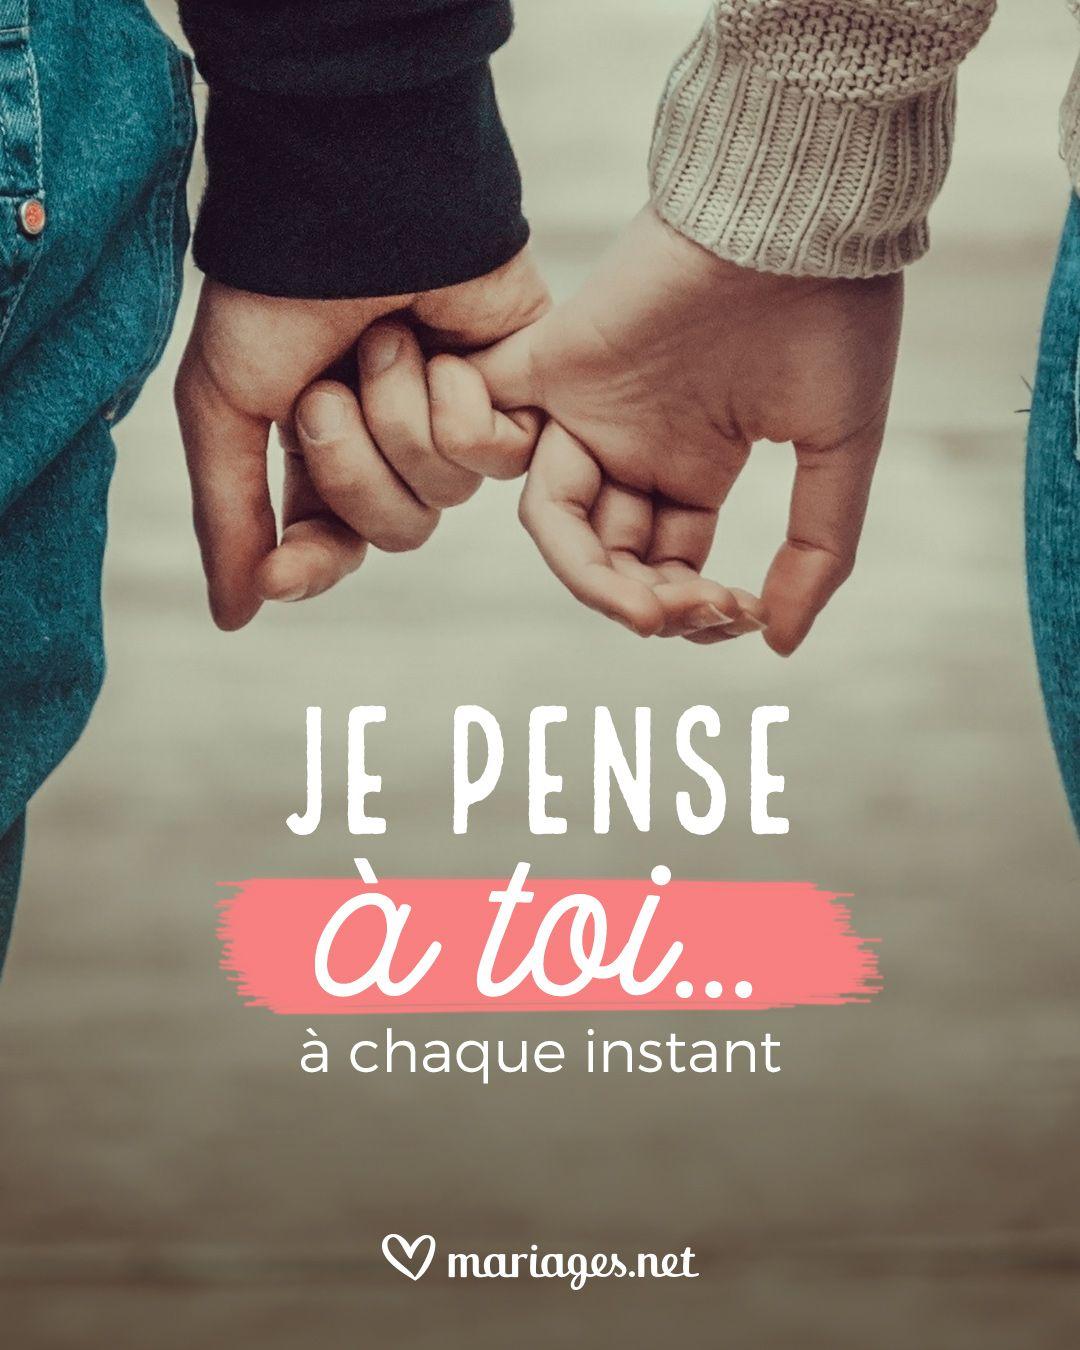 Langage D Amour Les Types De Communication Dans Le Couple